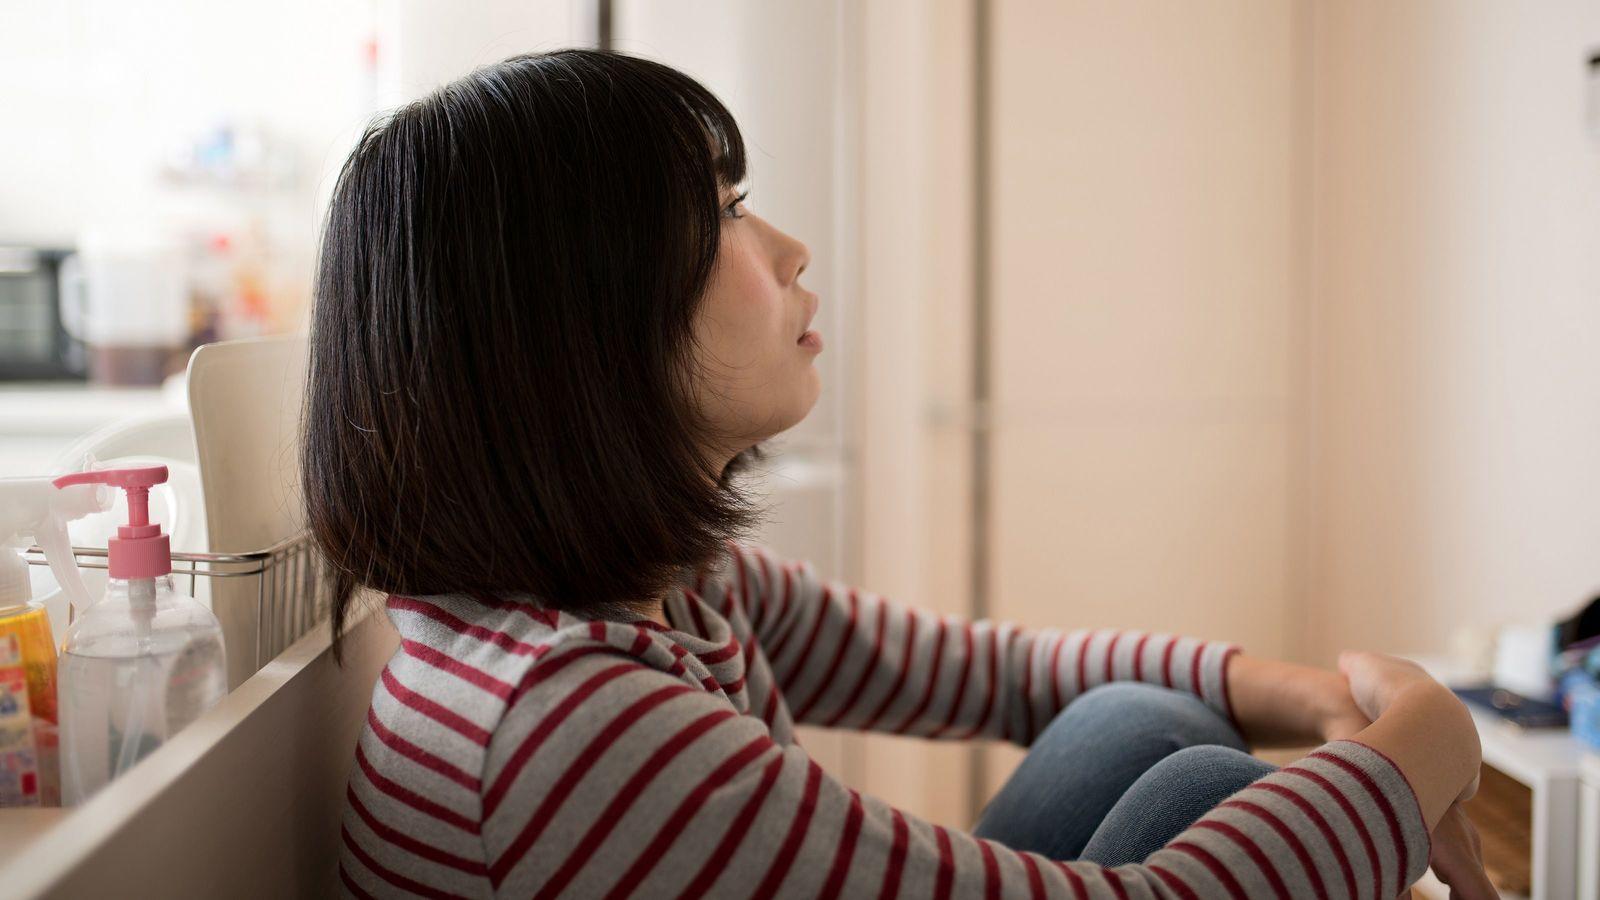 うつ女性「月6.5万円の障害年金」再開への執念 新しい担当医の診断書で支給停止に